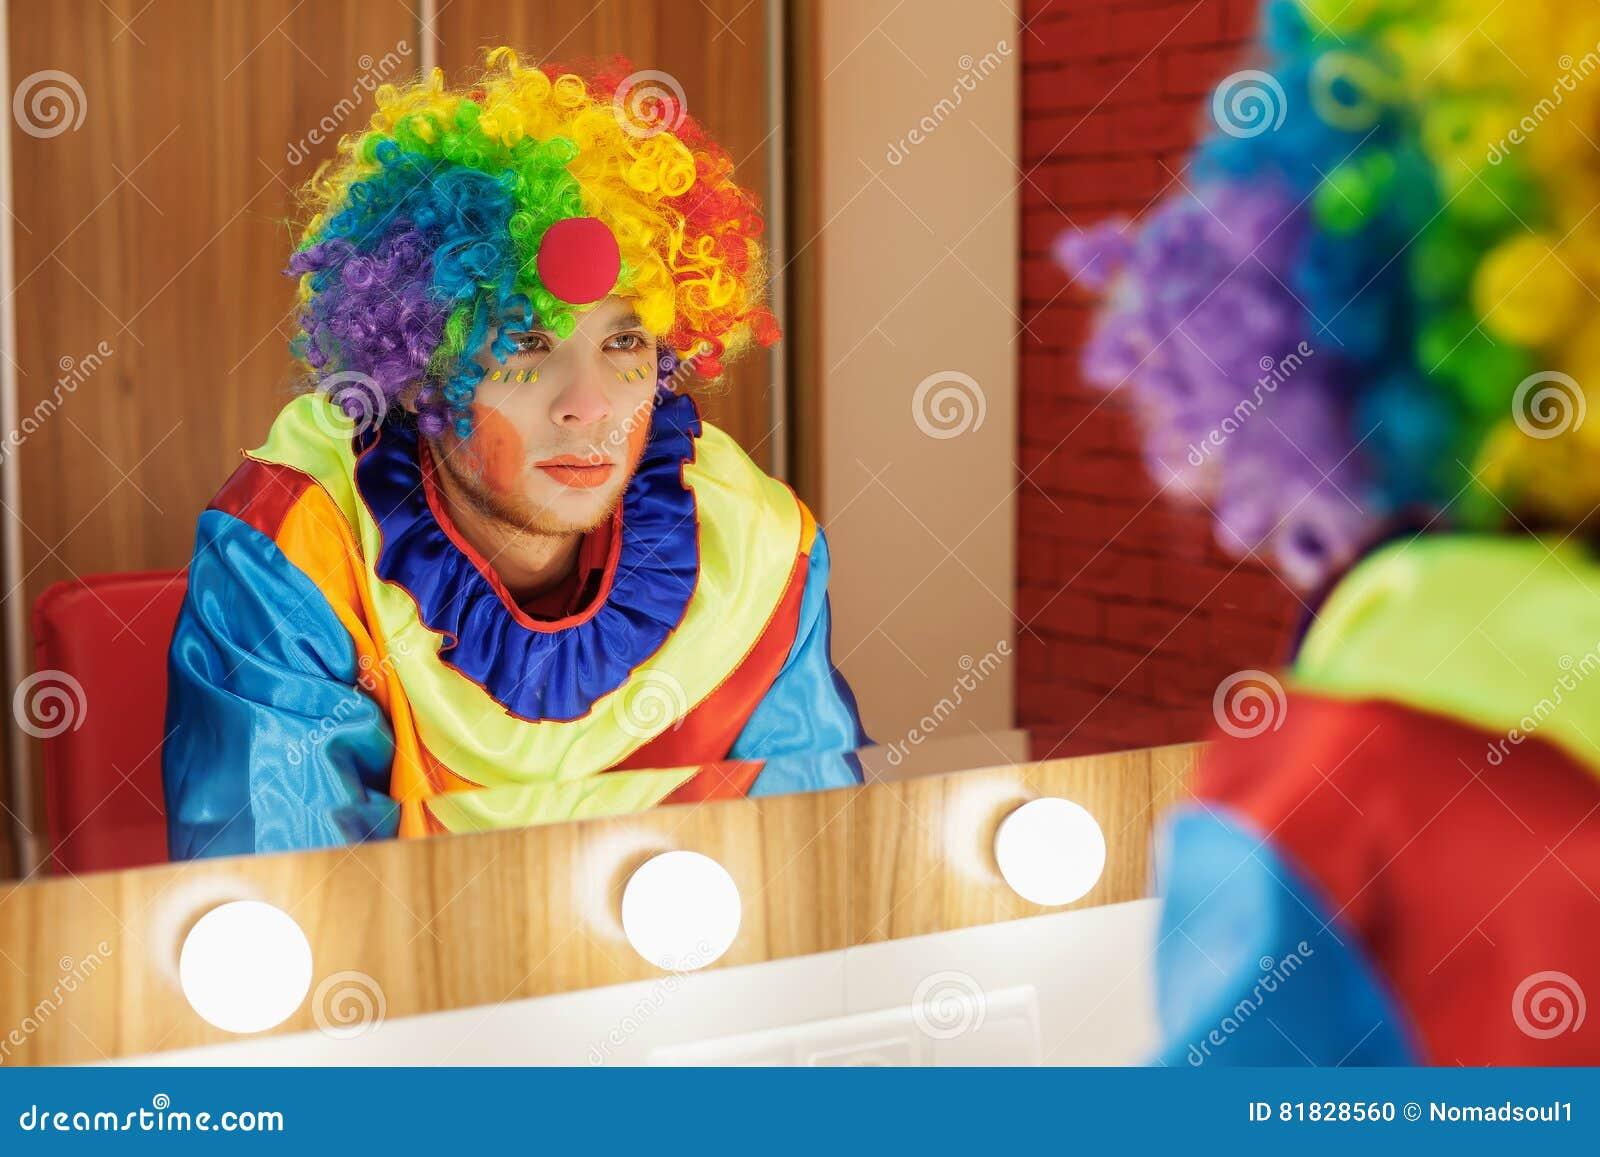 Le clown de cirque regarde dans un miroir dans la chambre de maquillage photo stock image du - Miroir dans la chambre ...